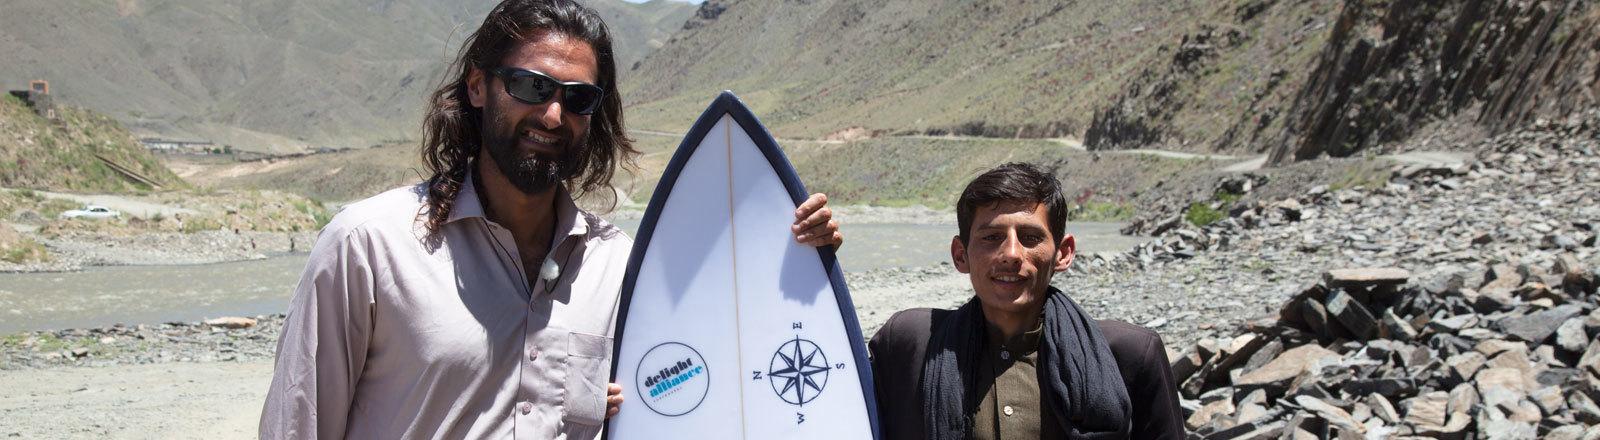 Afridun Amu mit einem Surfbrett in Afghanistan